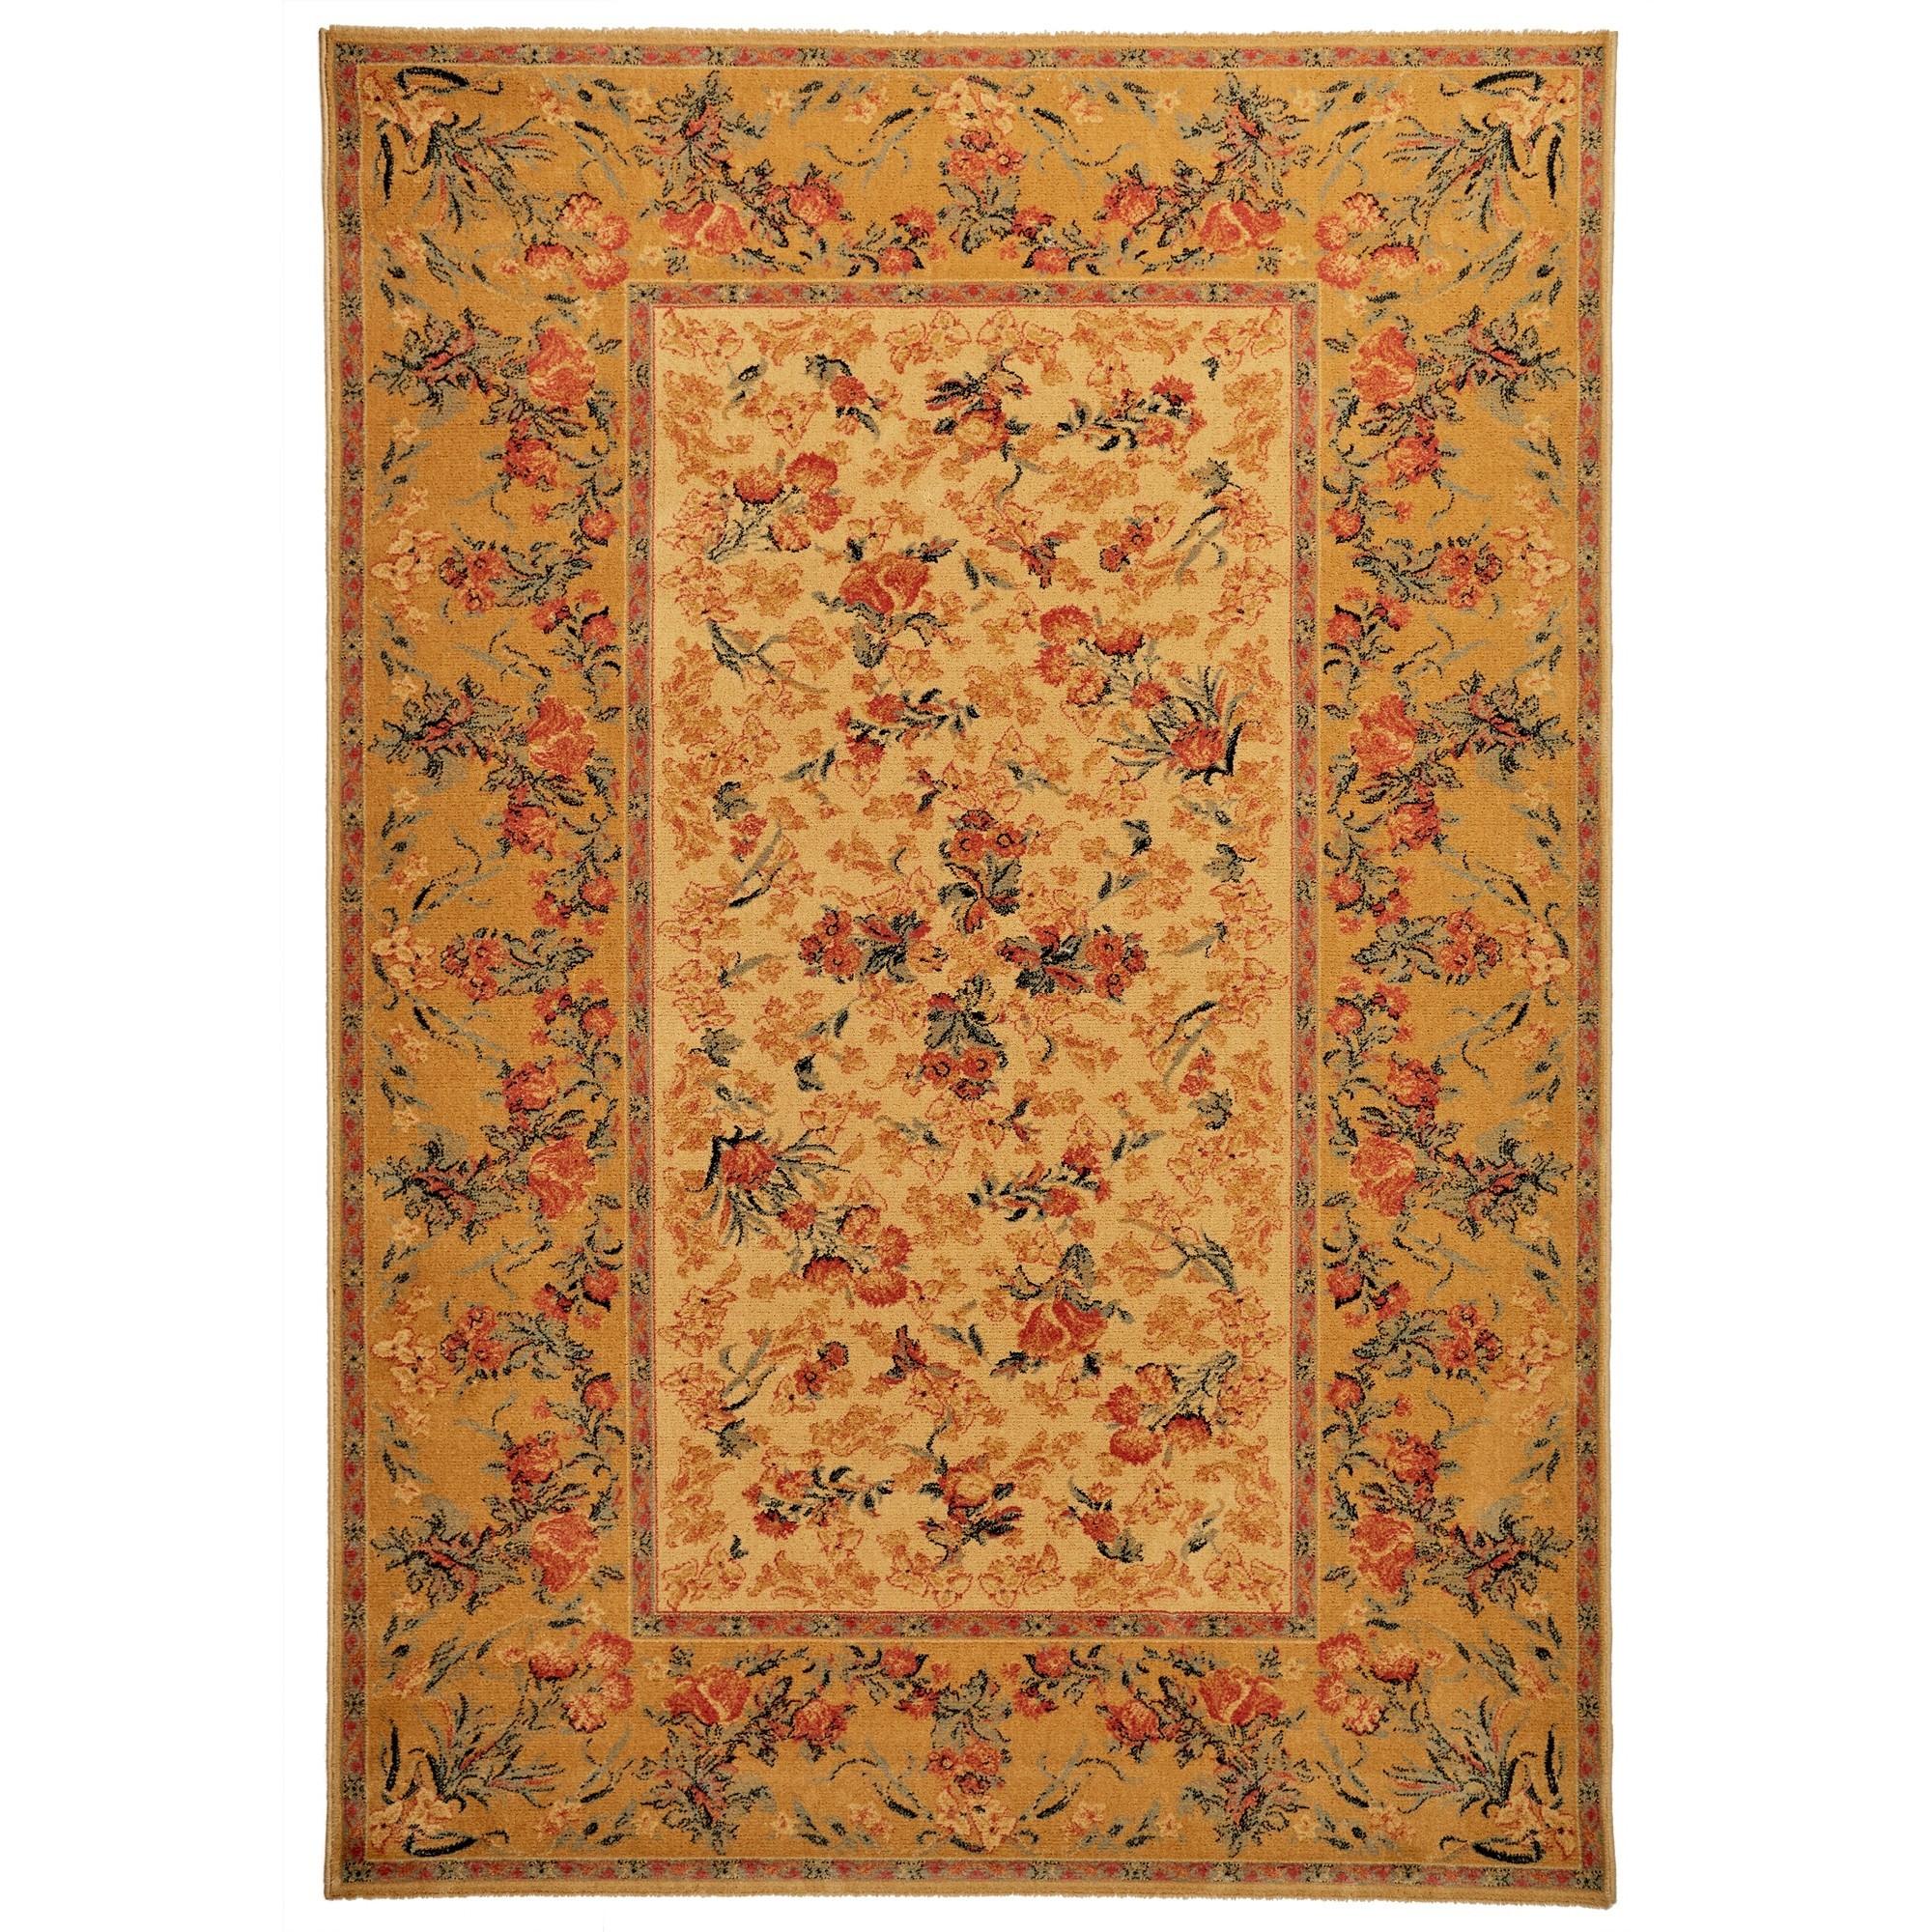 Royal Floral Wool Oriental Rug, 330x240cm